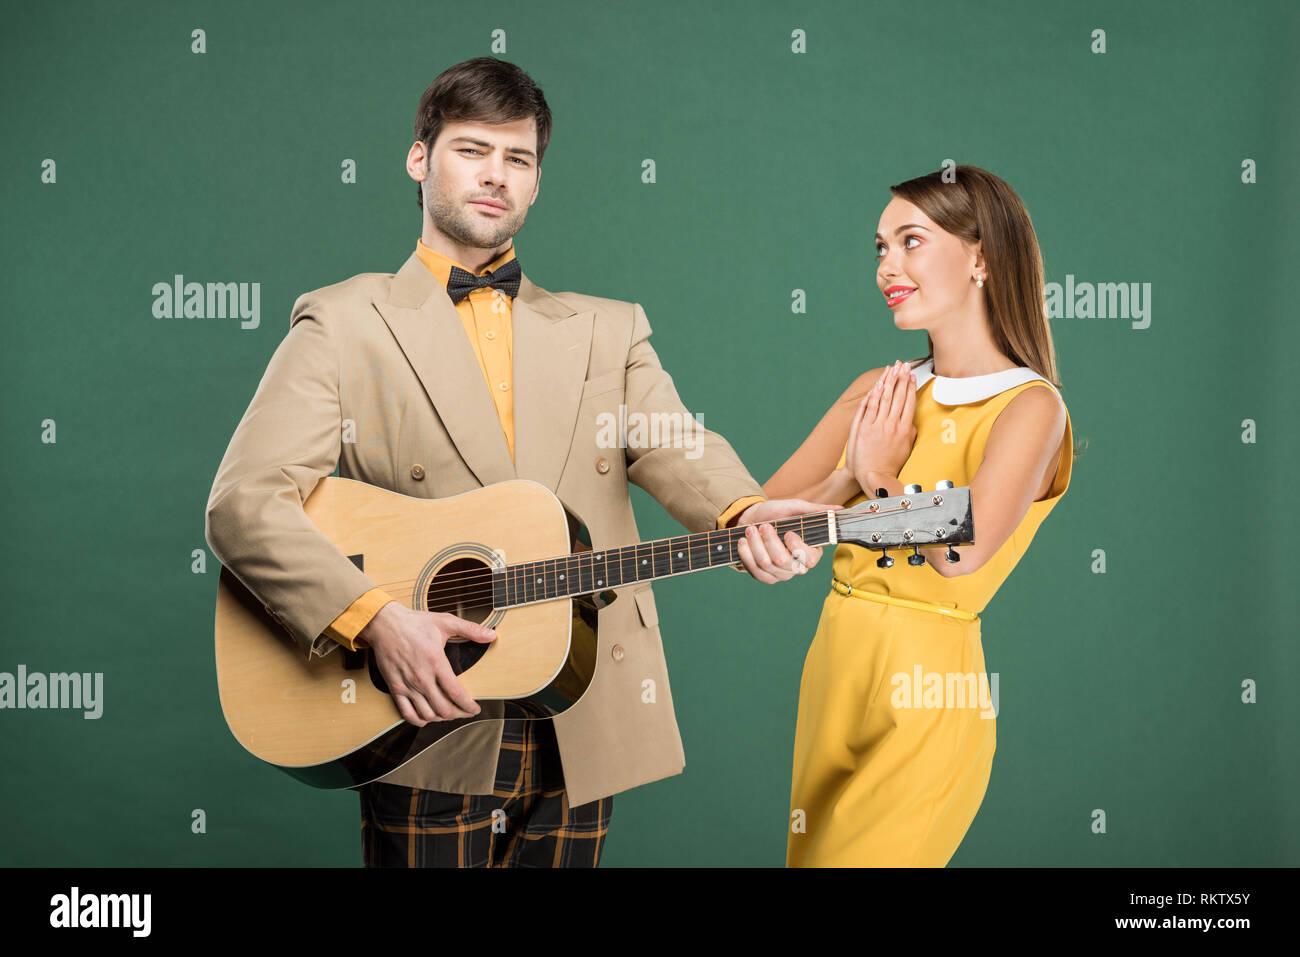 ee3508ae73adae Schöner Mann in Vintage Kleidung spielen akustische Gitarre während schöne  Frau tun bitte Geste isoliert auf Grün